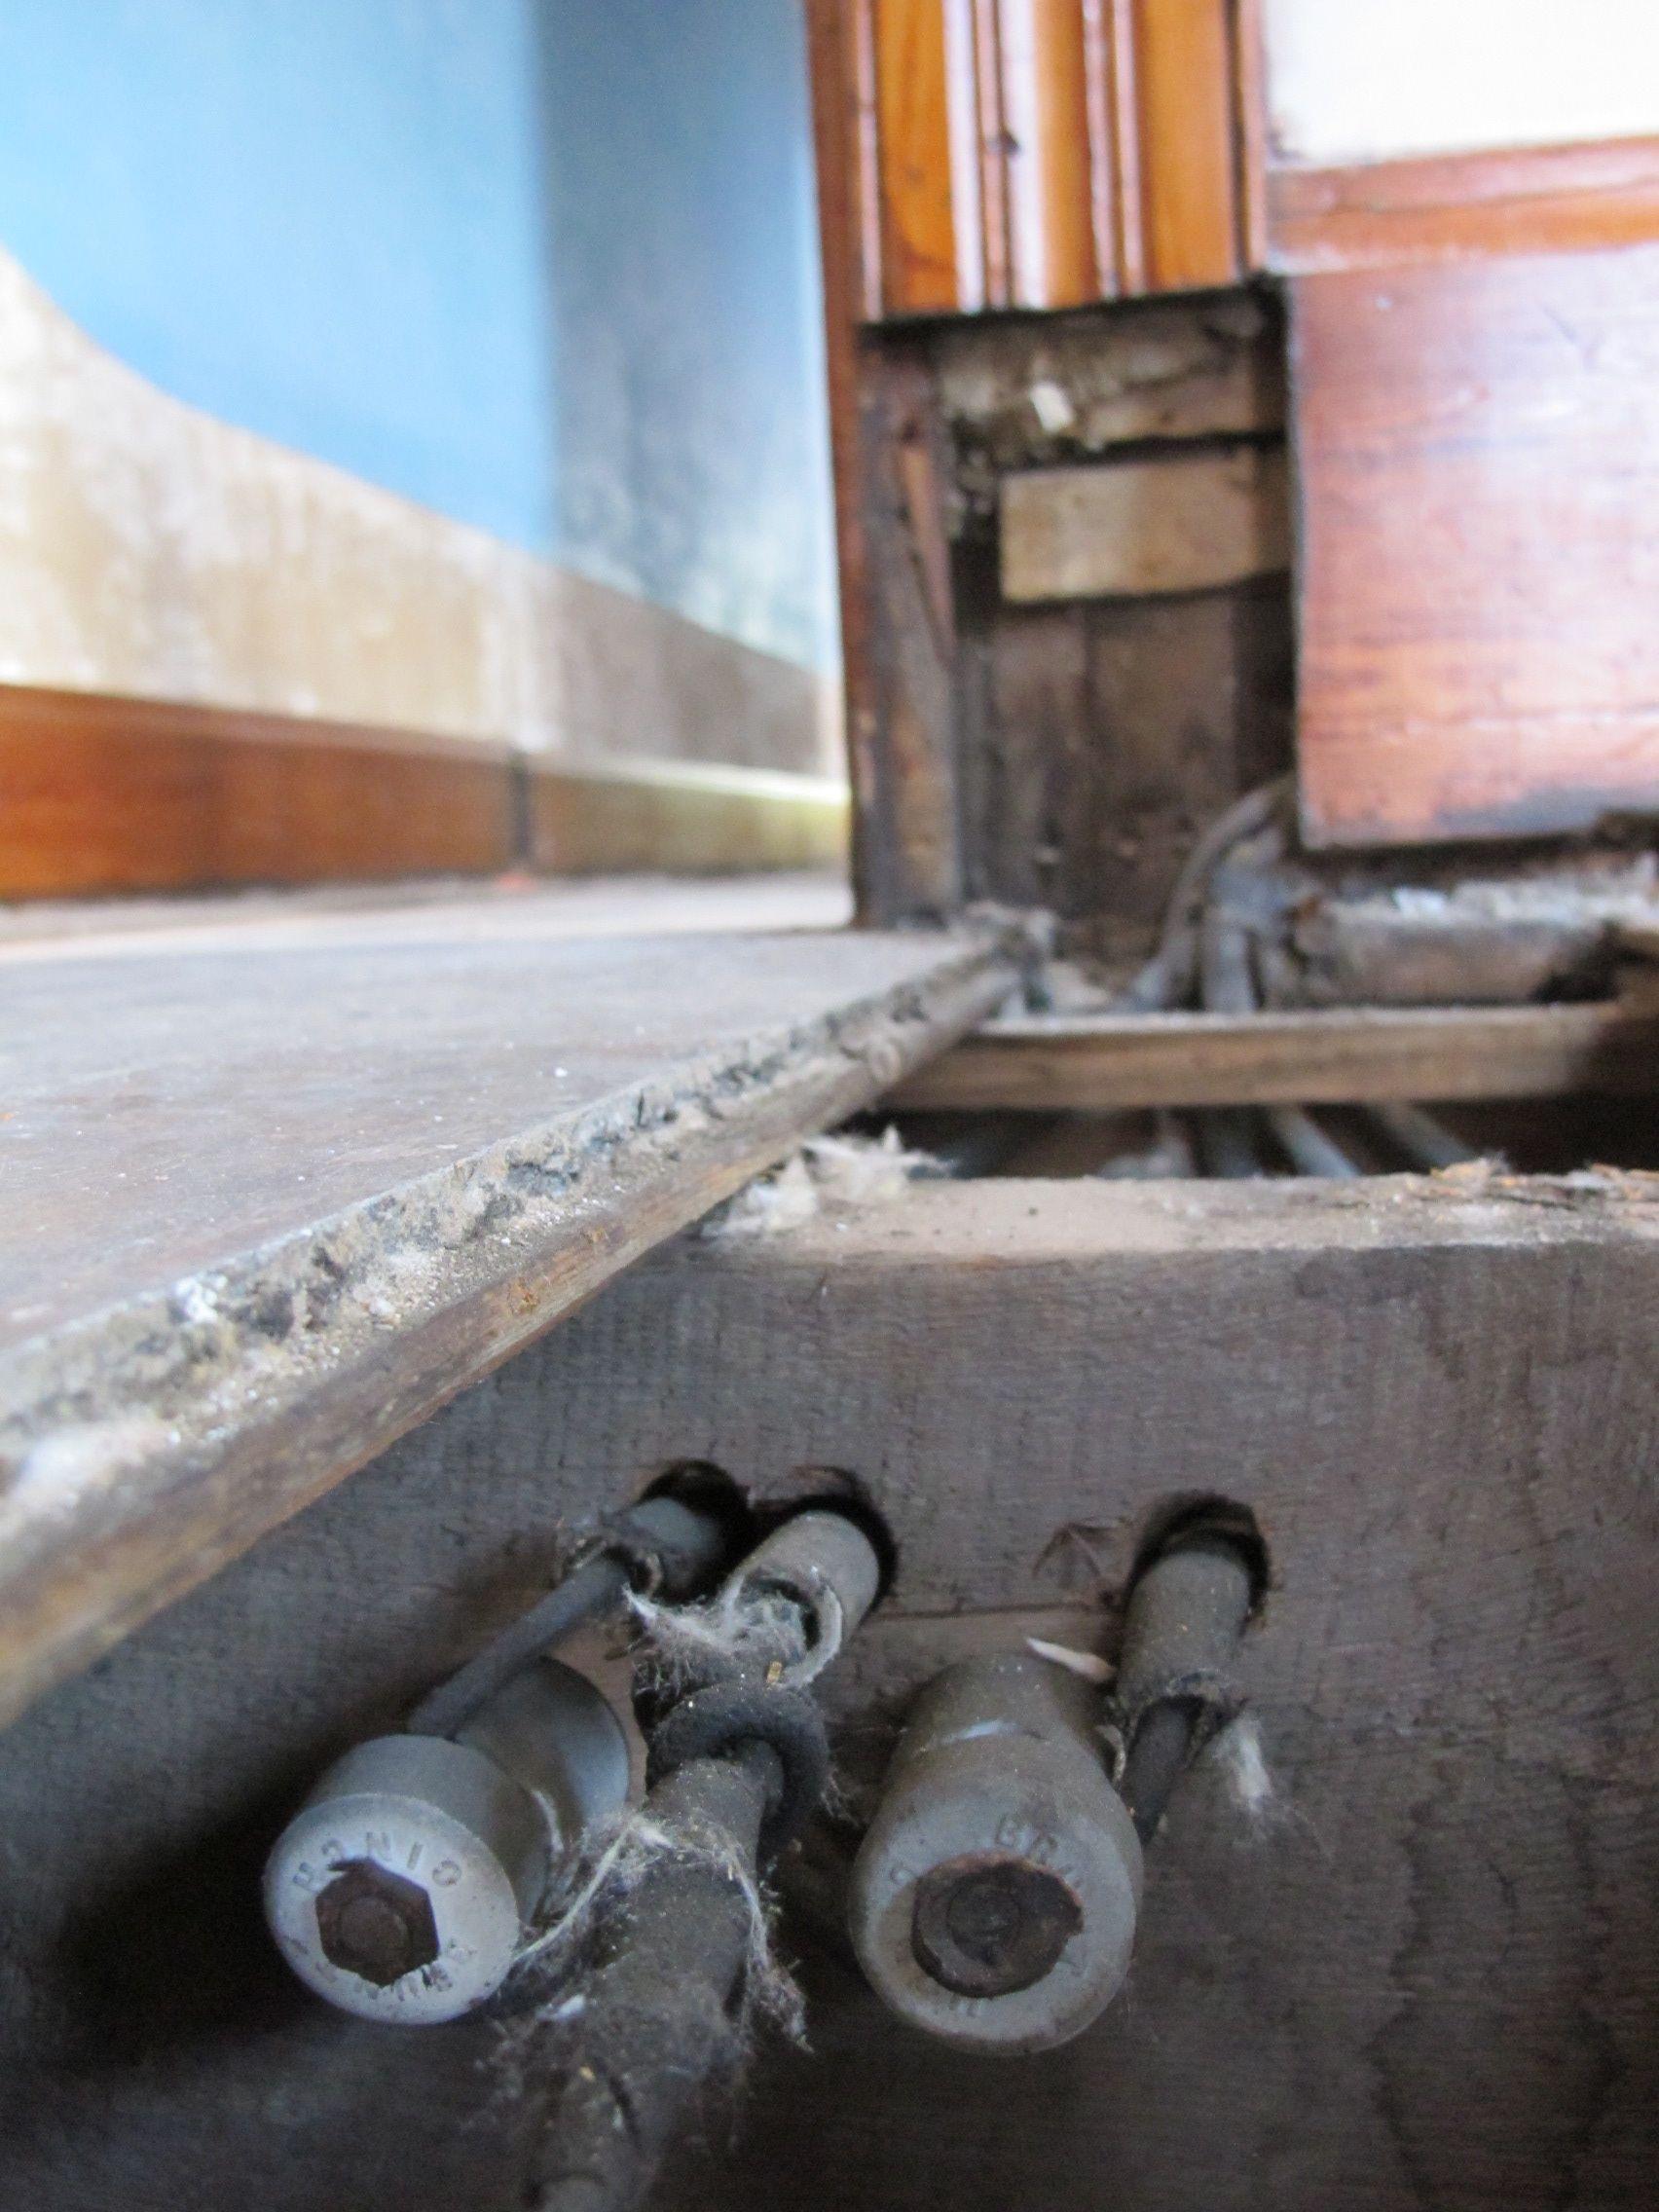 Insulation between the floors   5K in Cincinnati